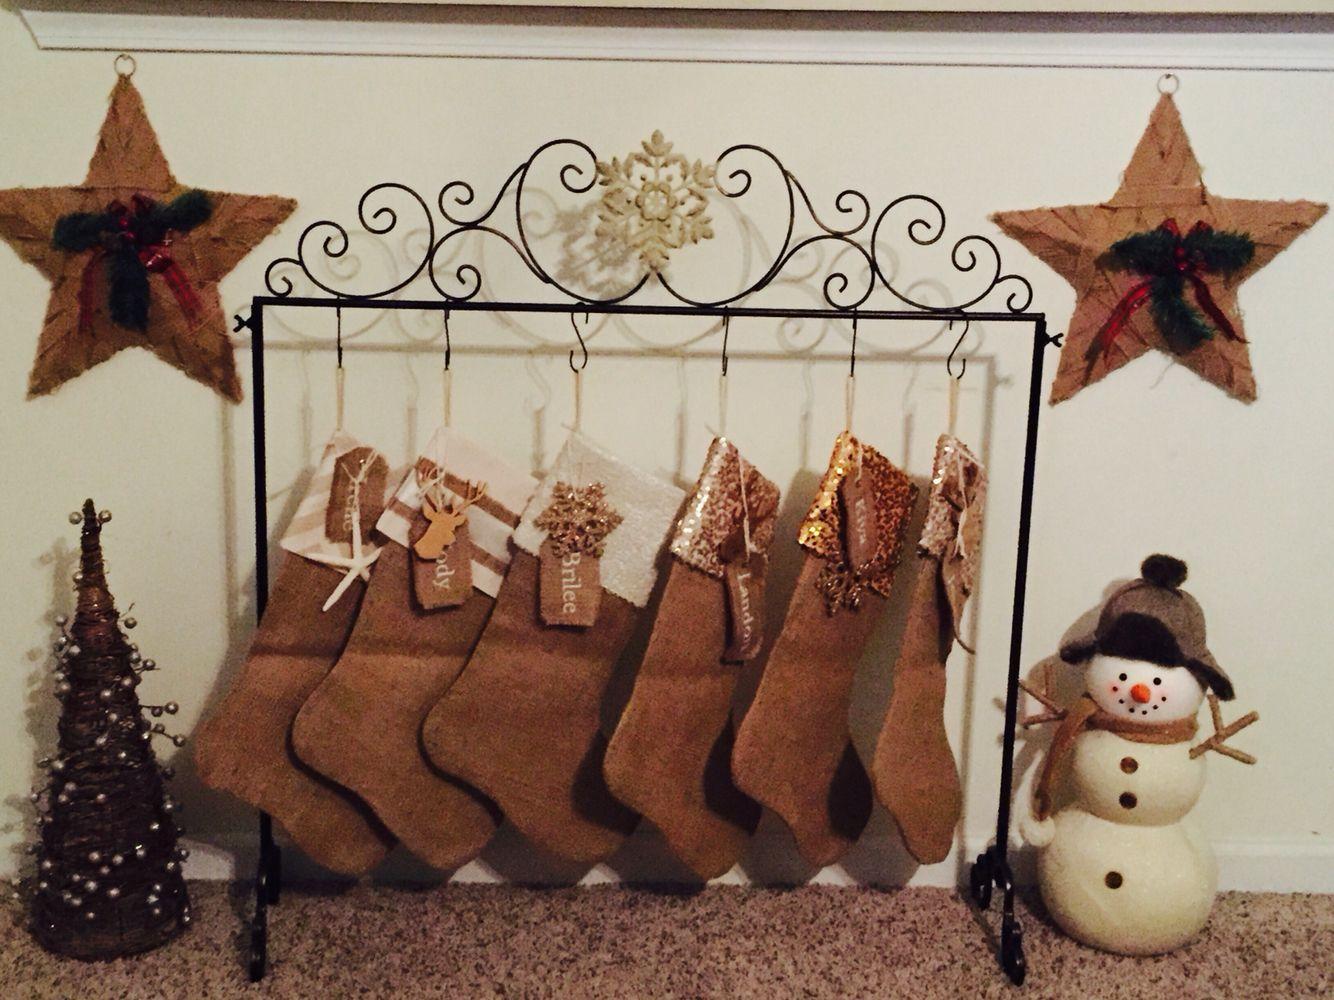 Stockings from etsy, stocking holder from Kirklands